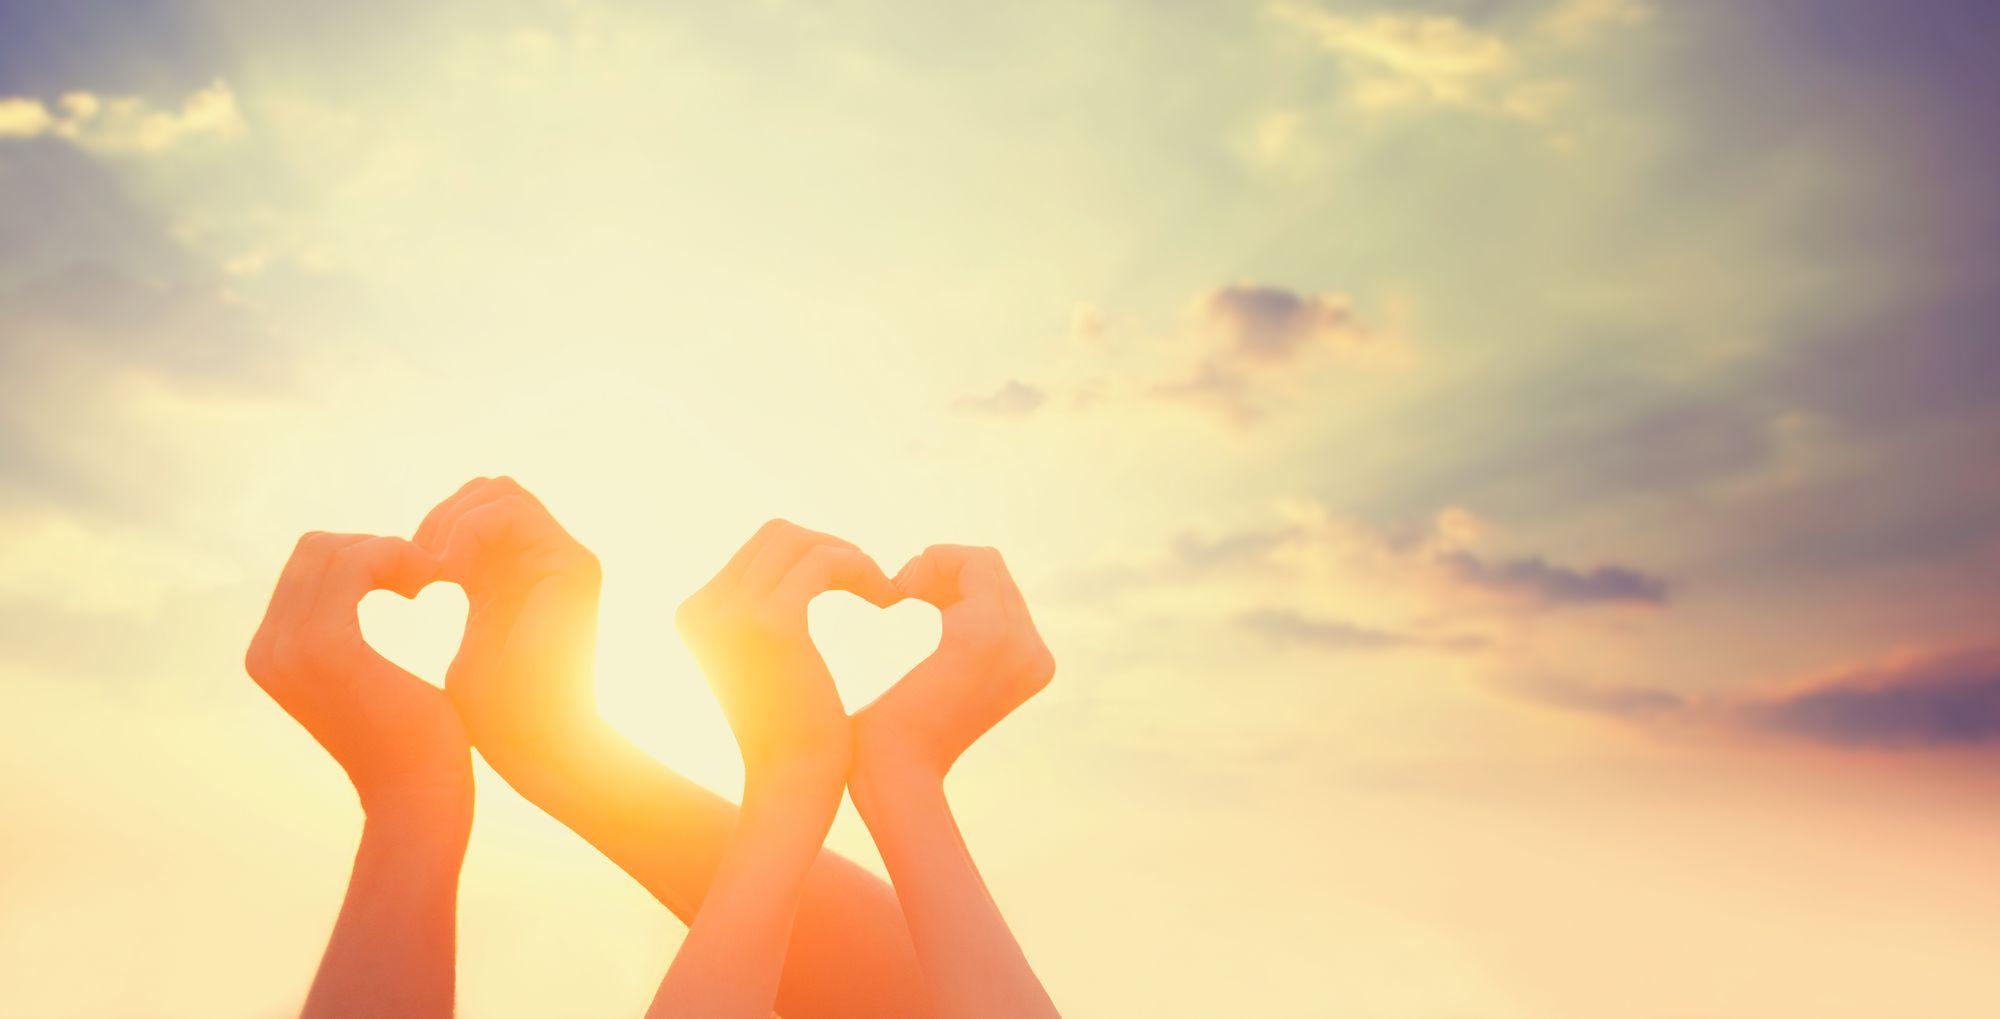 Conheça a personalidade do seu amor e acerte no presente de Dia dos Namorados!